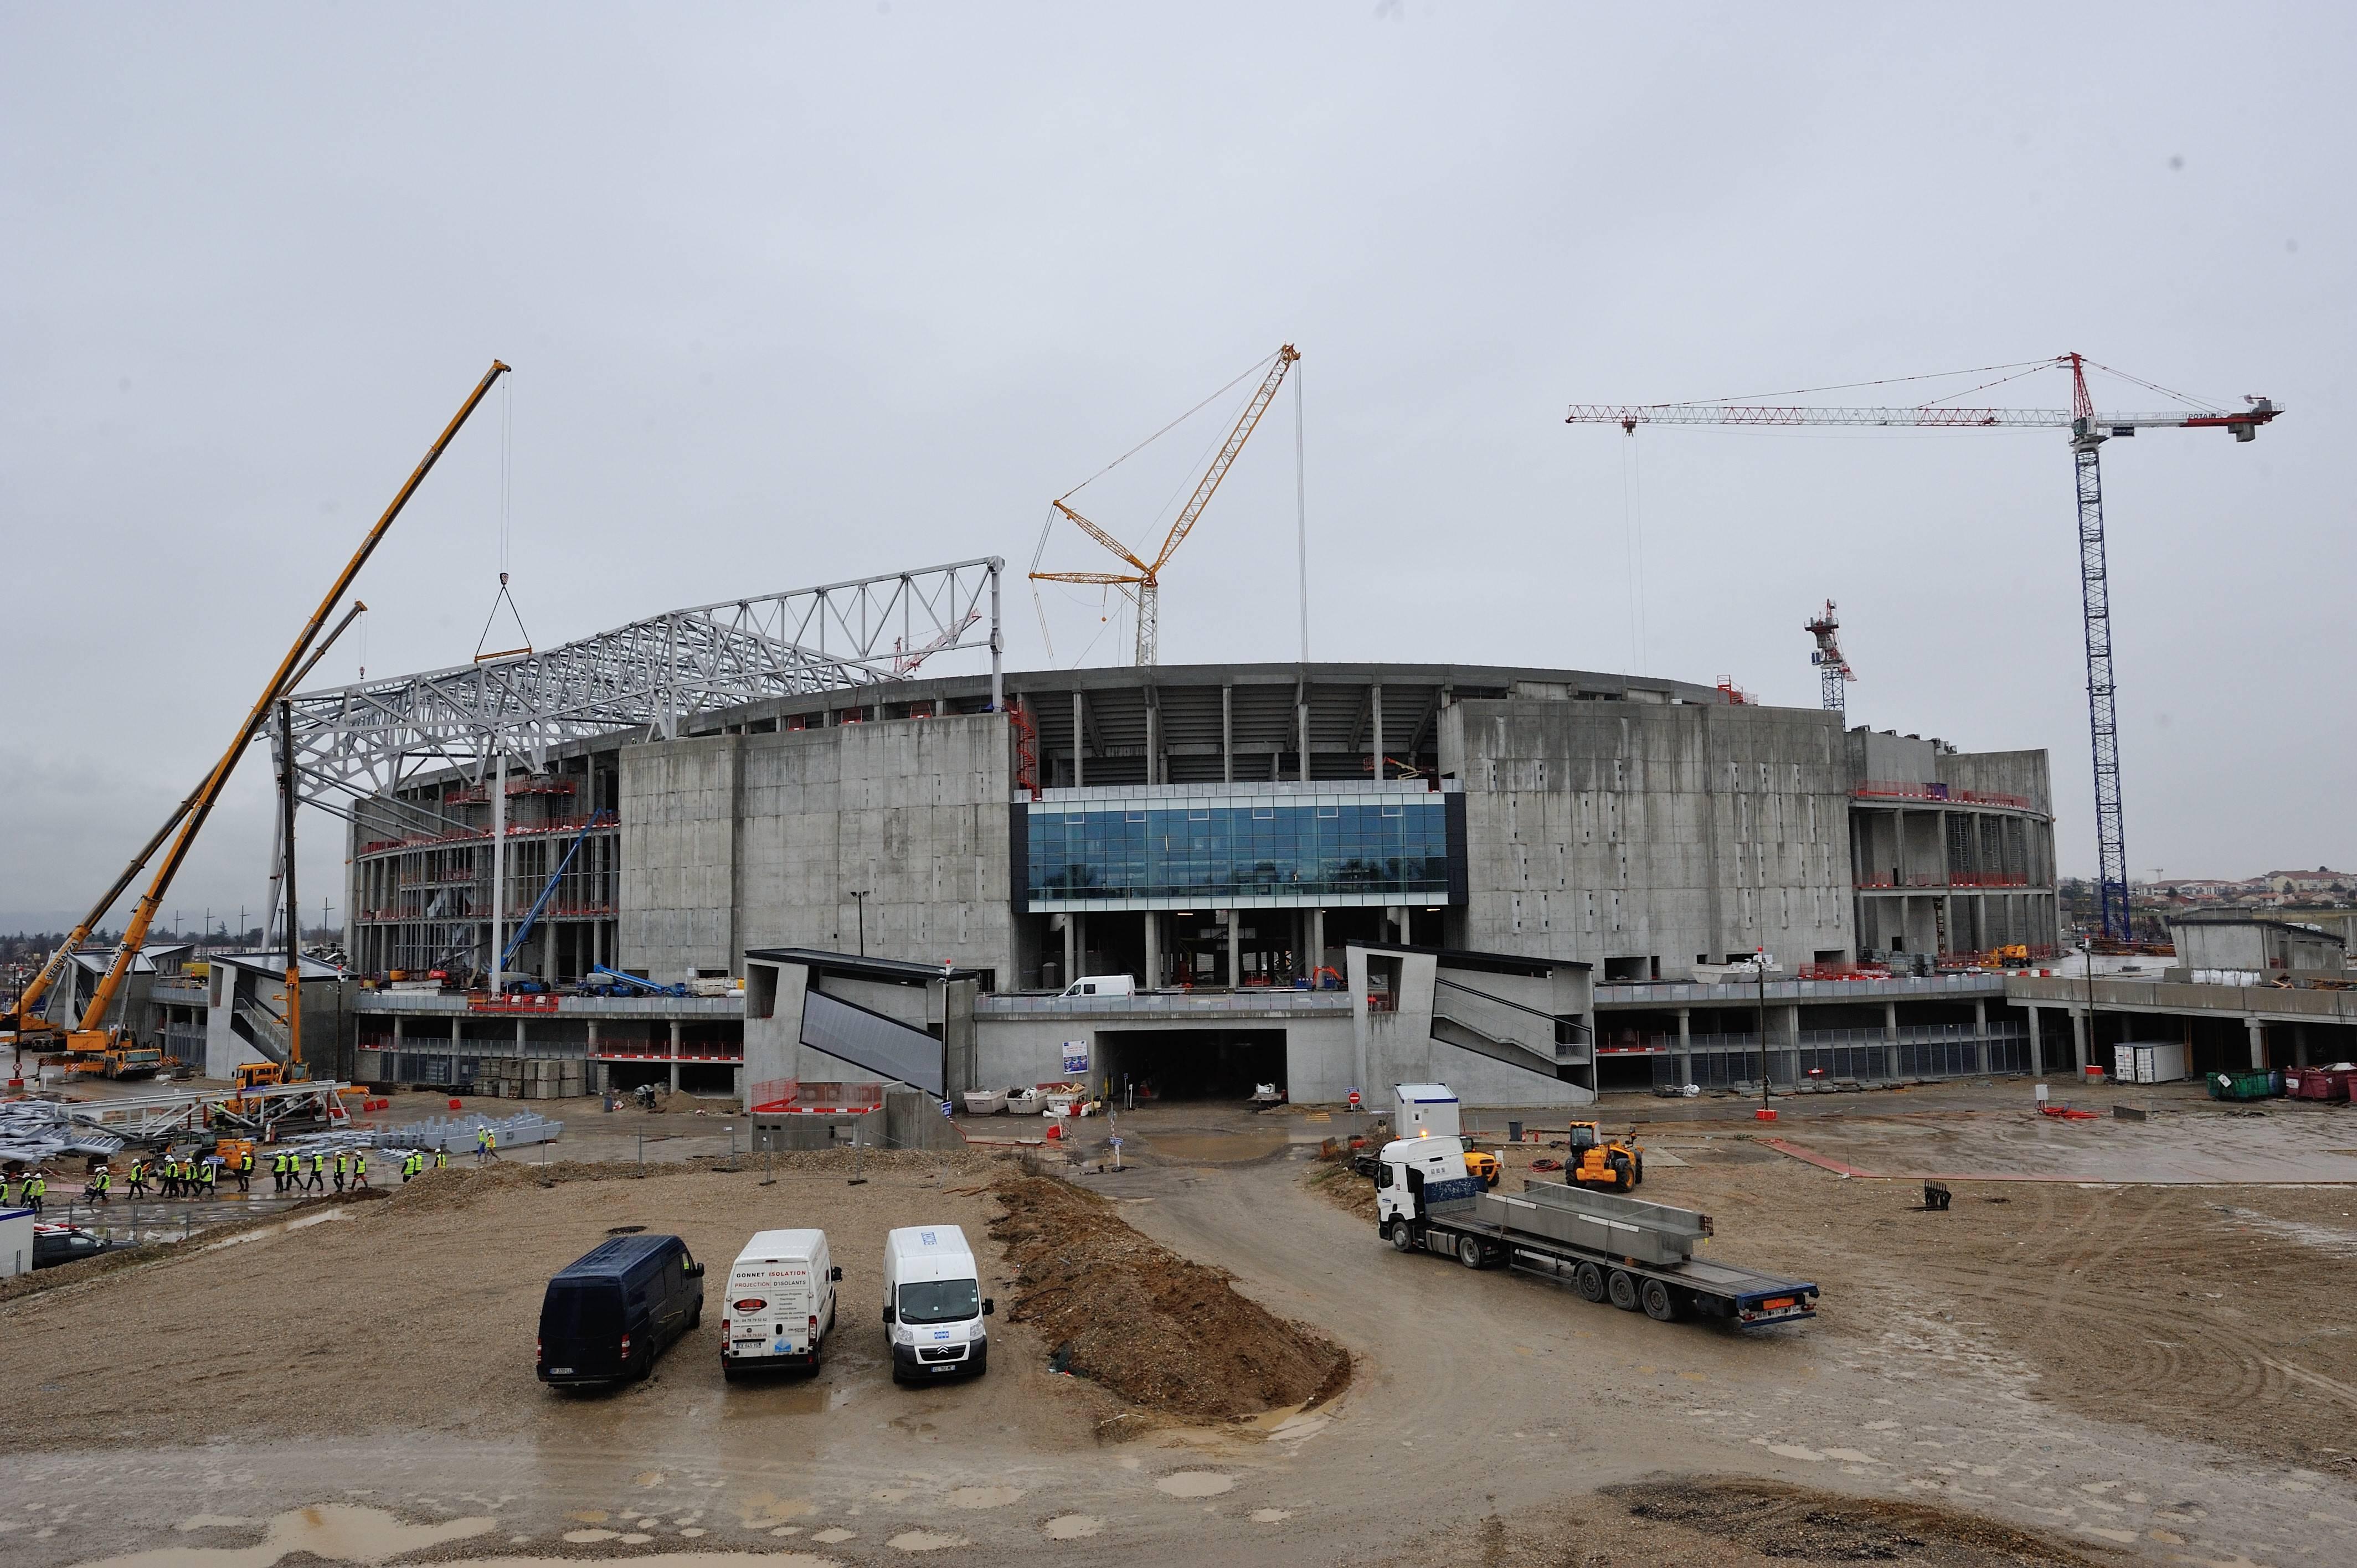 Stade de Lumieres - Zukünftige Heimspielstätte von Olympique Lyon und ein Austragungsort der UEFA EURO 2016 in Frankreich - Lyon - 29/01/2015 FredericChambert/Panoramic PUBLICATIONxNOTxINxFRAxITAxBELStade de lumieres future Home venue from Olympique Lyon and a Venue the UEFA Euro 2016 in France Lyon 29 01 2015 frederic Chambert Panoramic PUBLICATIONxNOTxINxFRAxITAxBEL